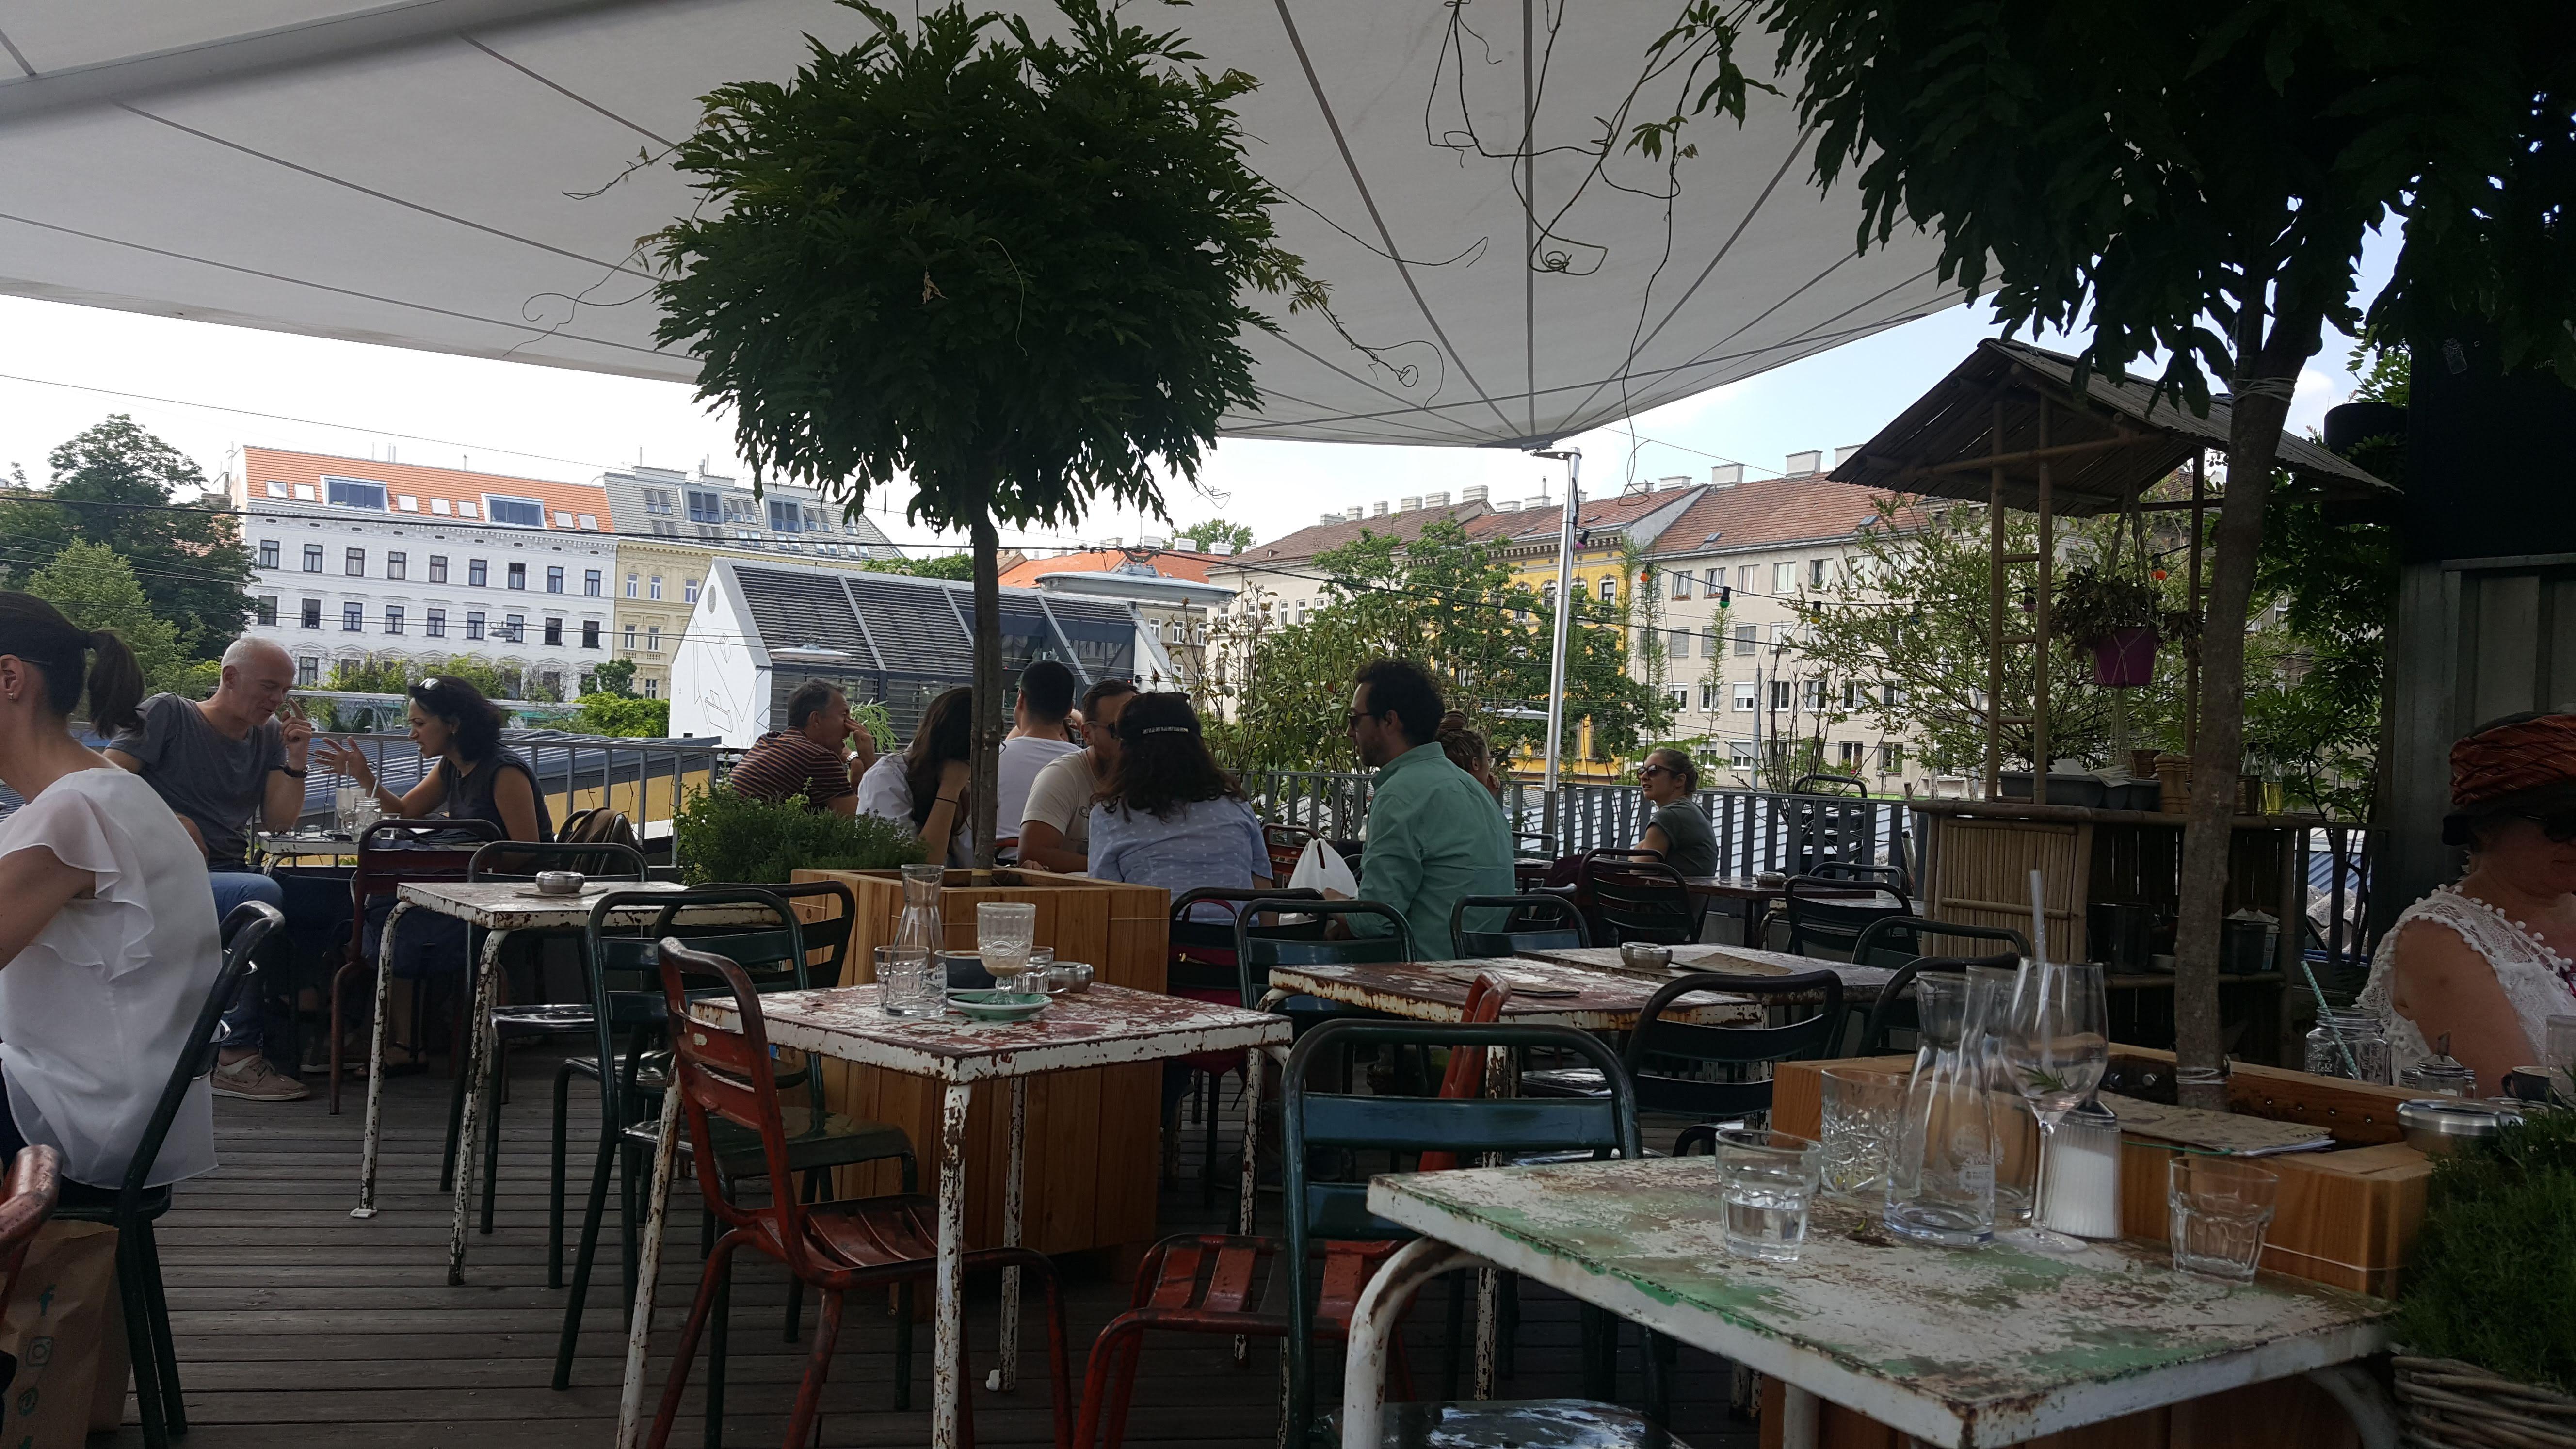 Dachterrasse, Wirr, Wien